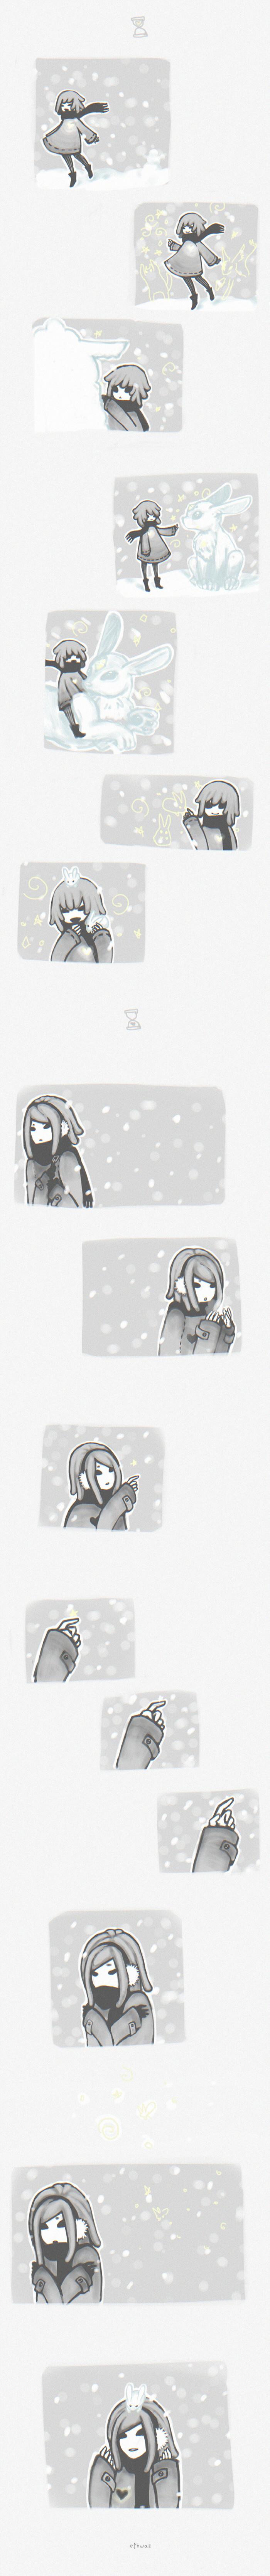 snowflakes by LisEihwaz